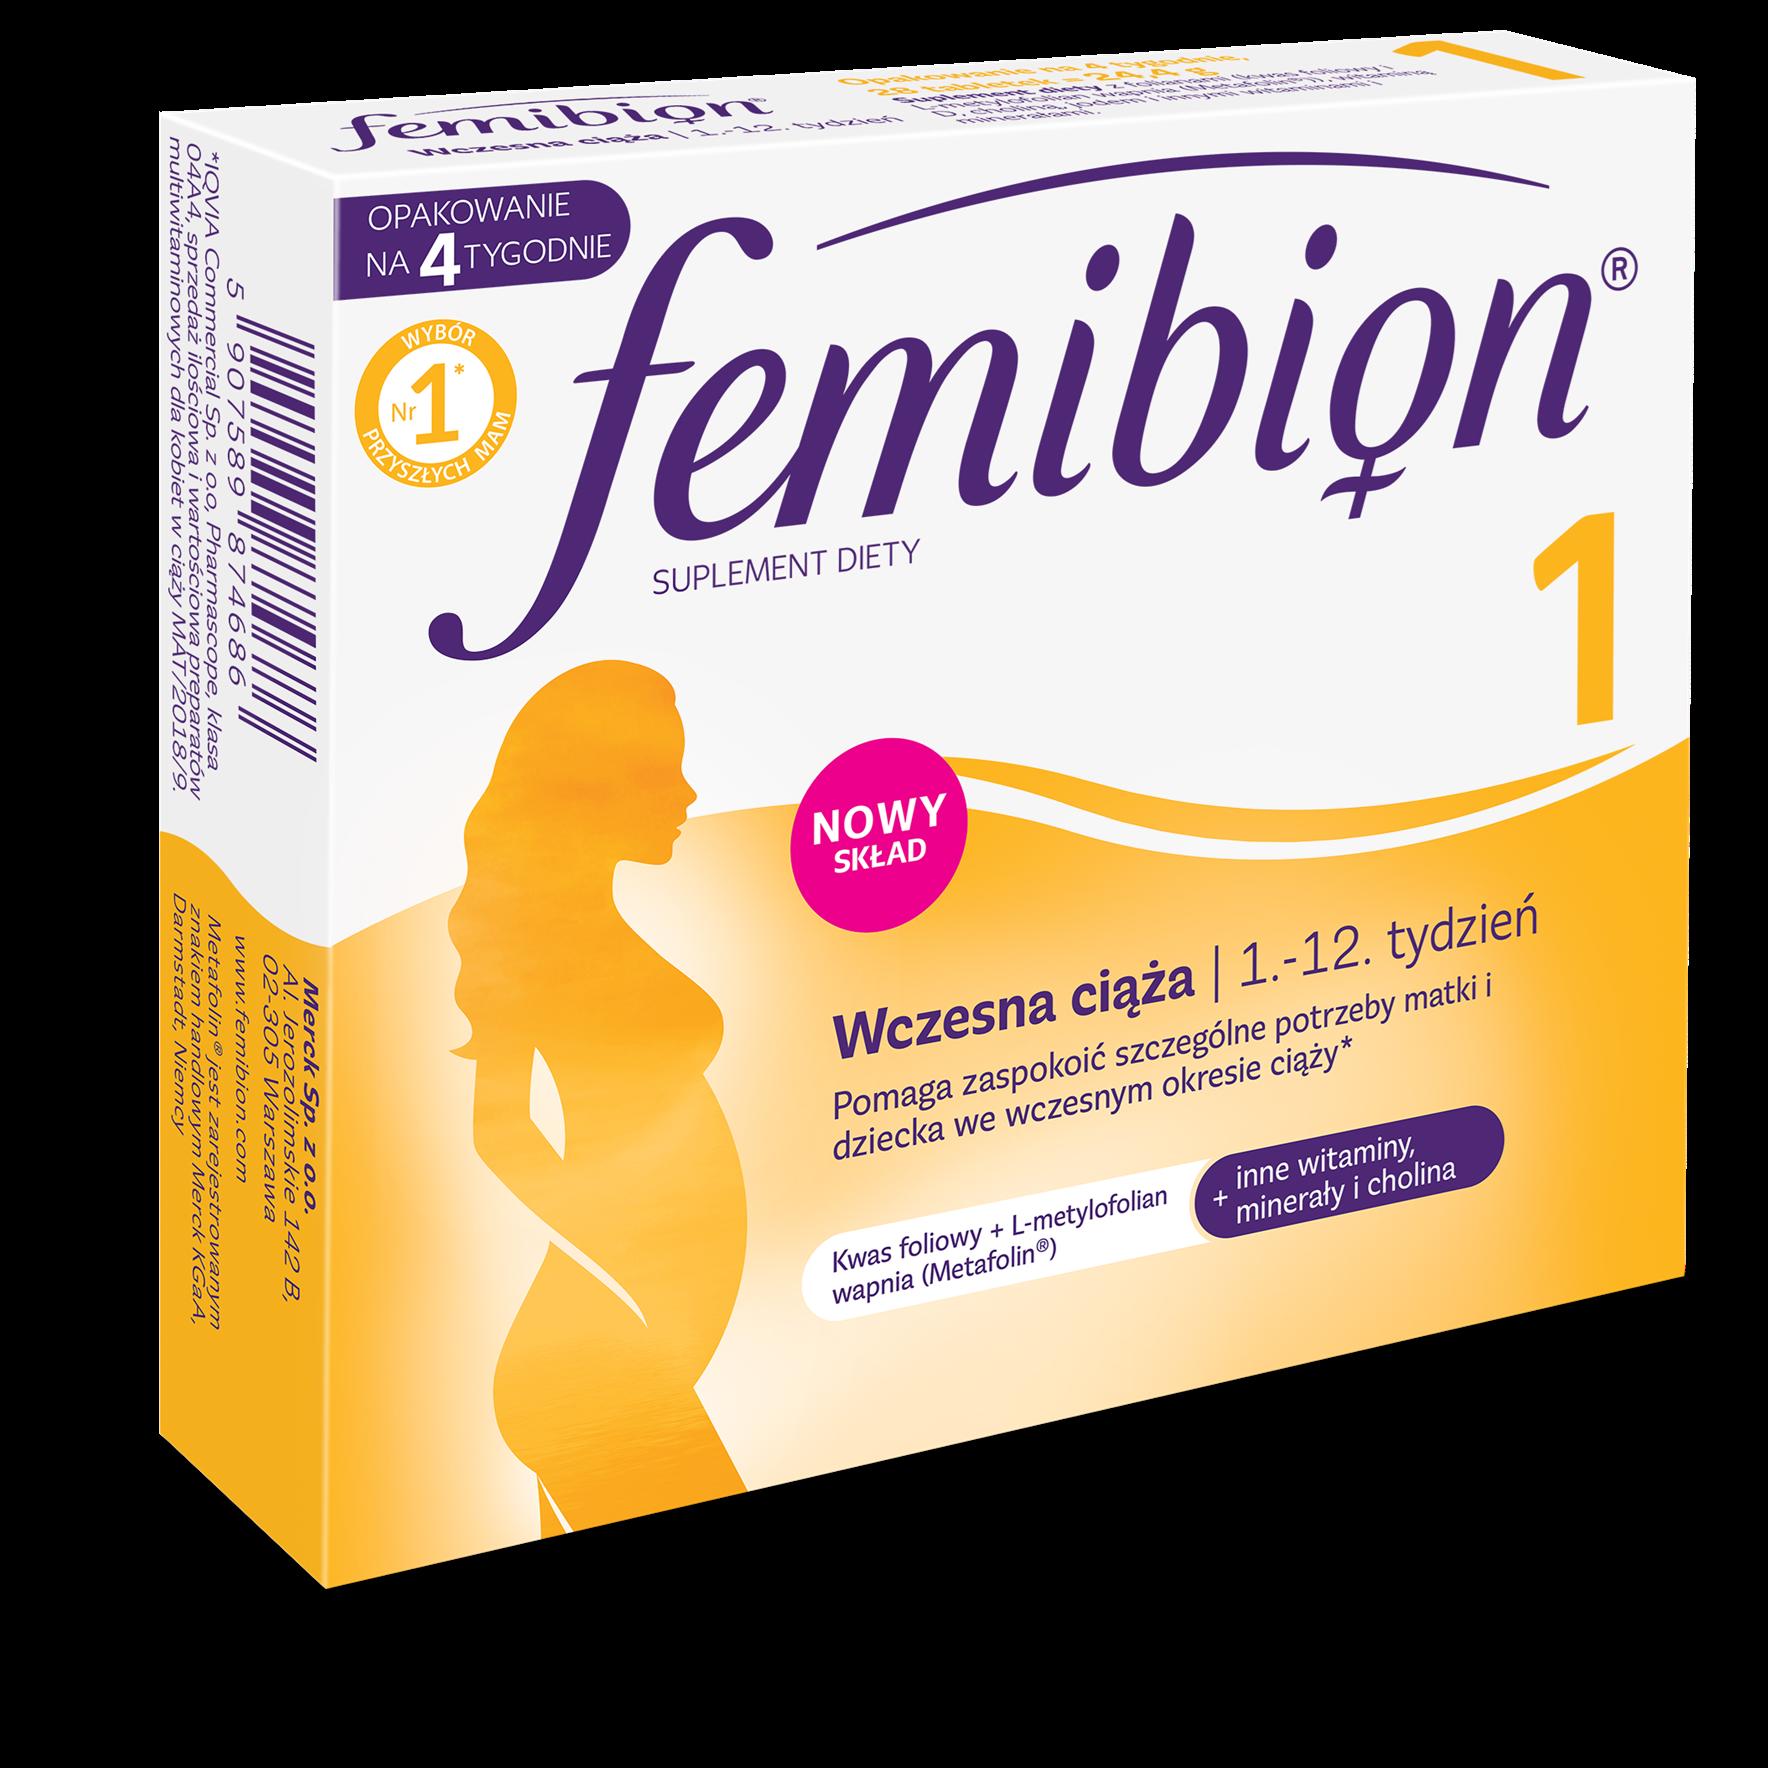 Витамины фемибион 1: состав, инструкция по применению для беременных, при планировании, отзывы